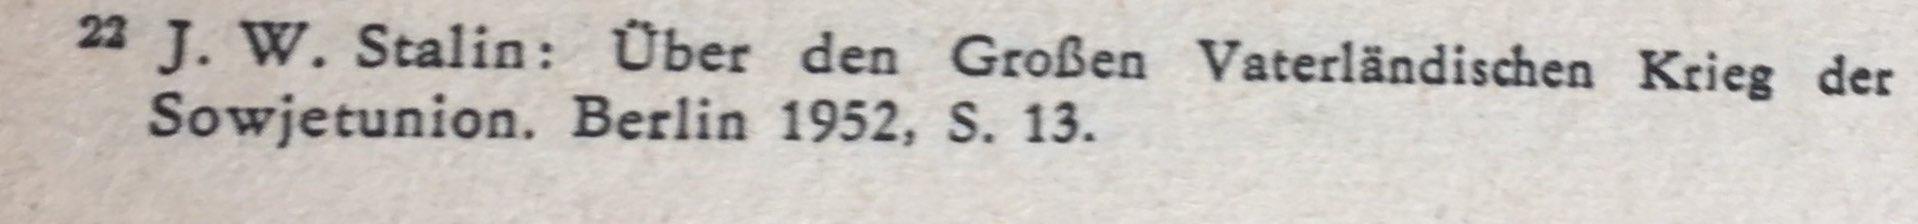 Quellenangabe aus der Rede Stalins vom 03.07.1941